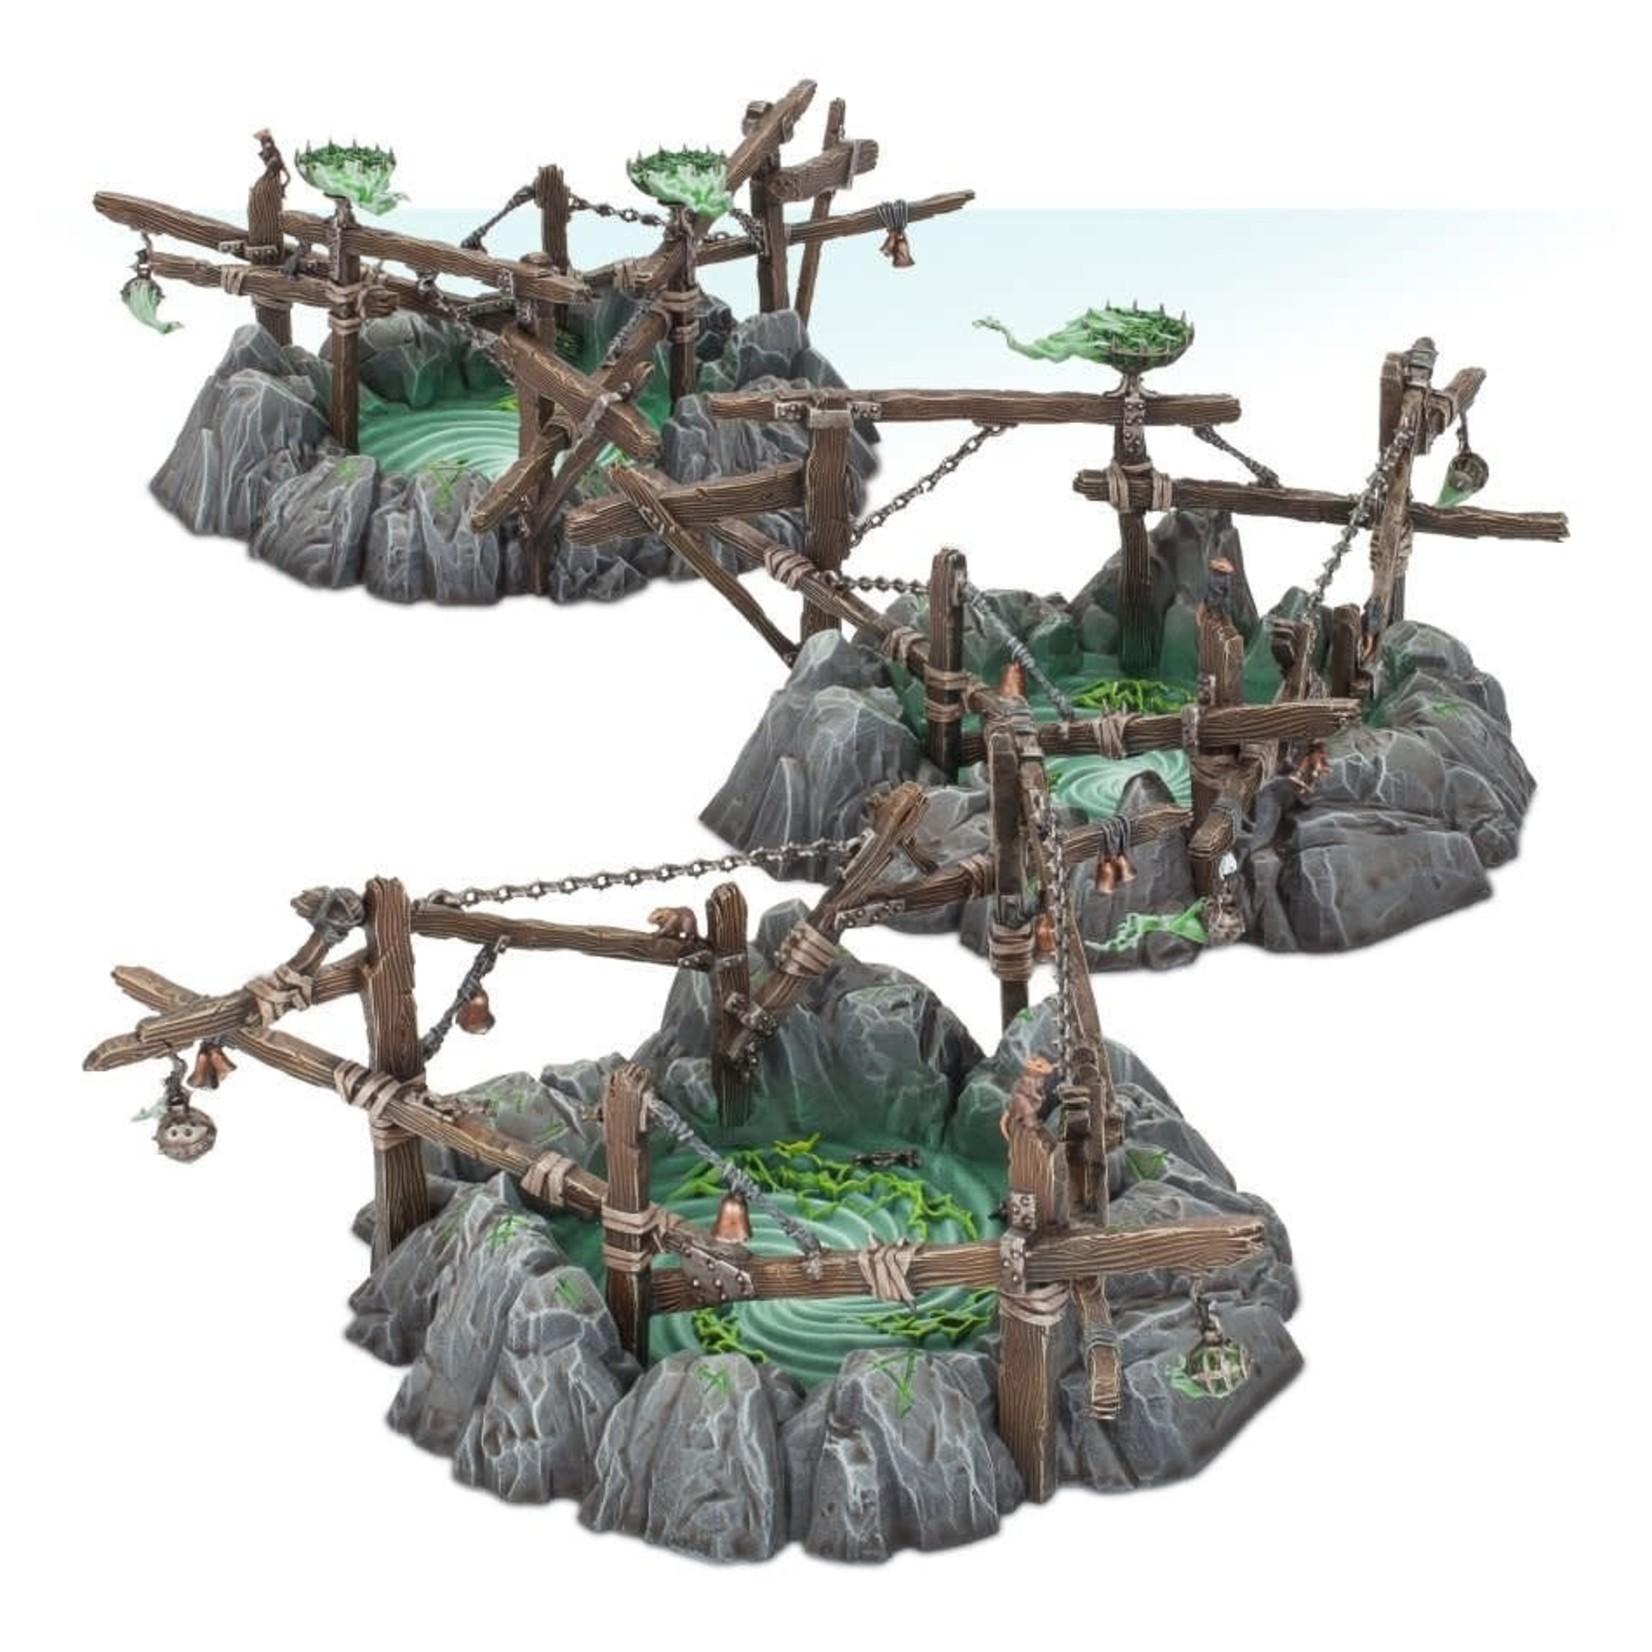 Games Workshop Skaven Gnawholes